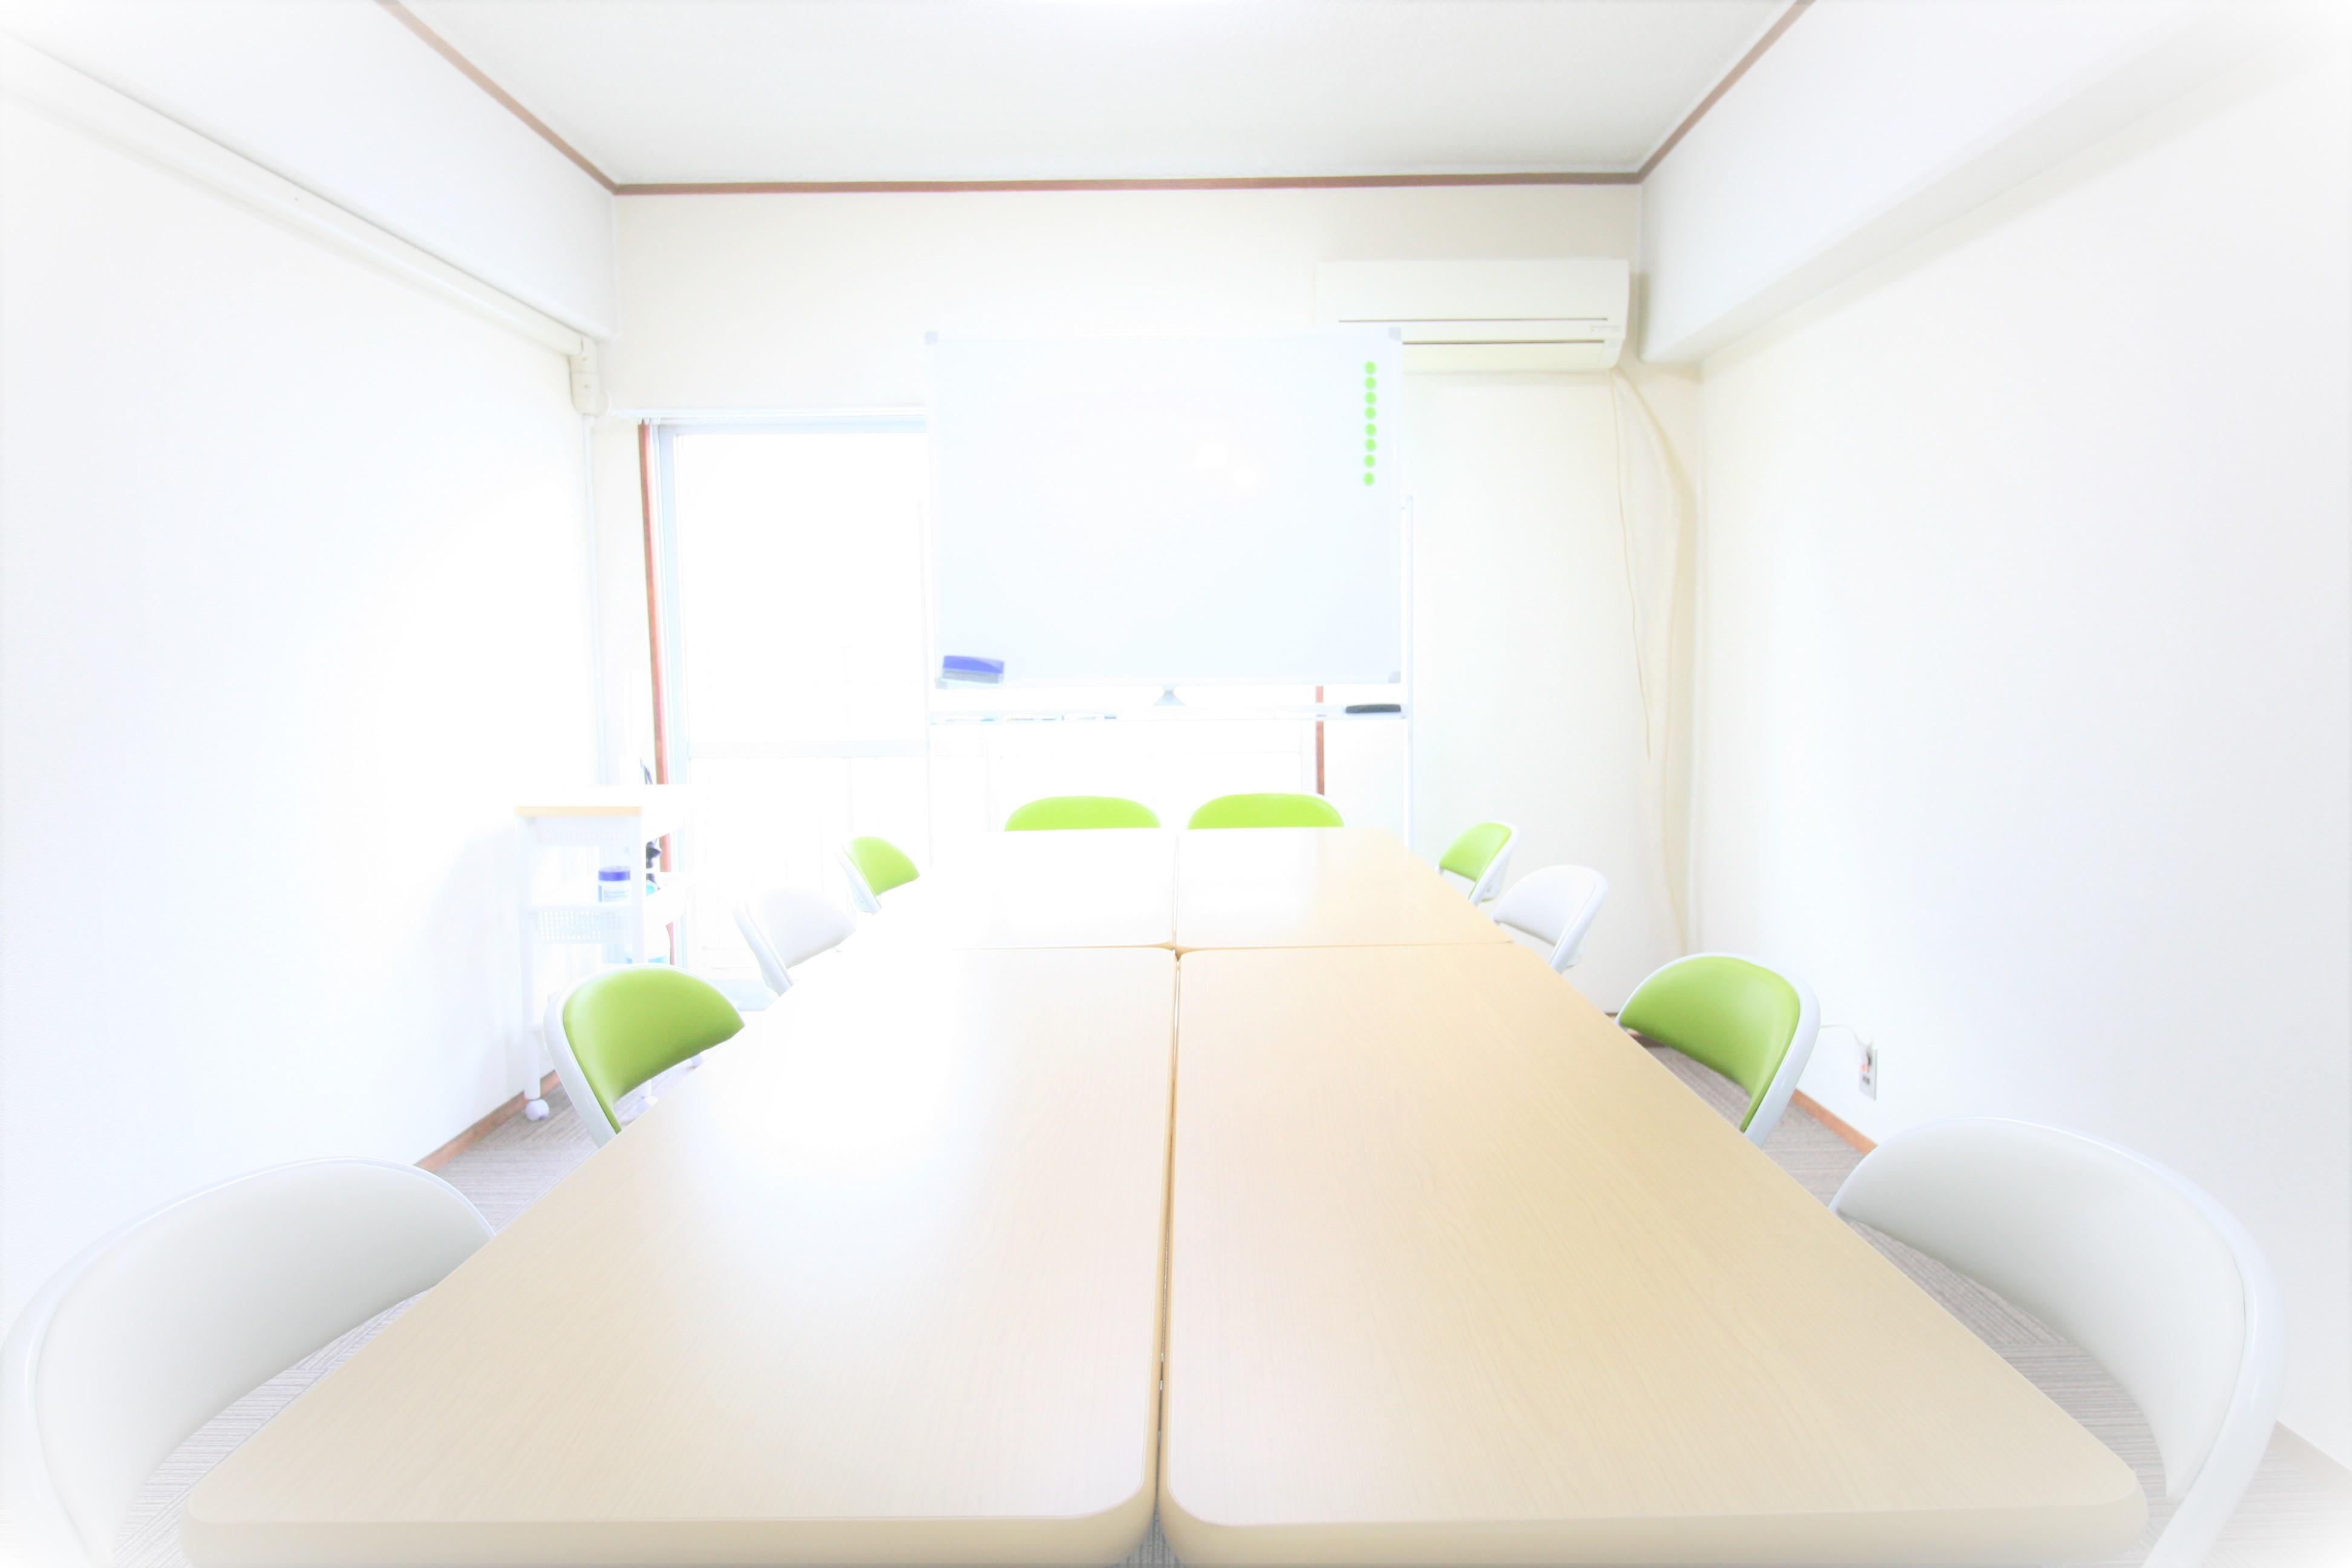 お気軽会議室 博多 100円から使える◆お気軽会議室 博多◆の室内の写真